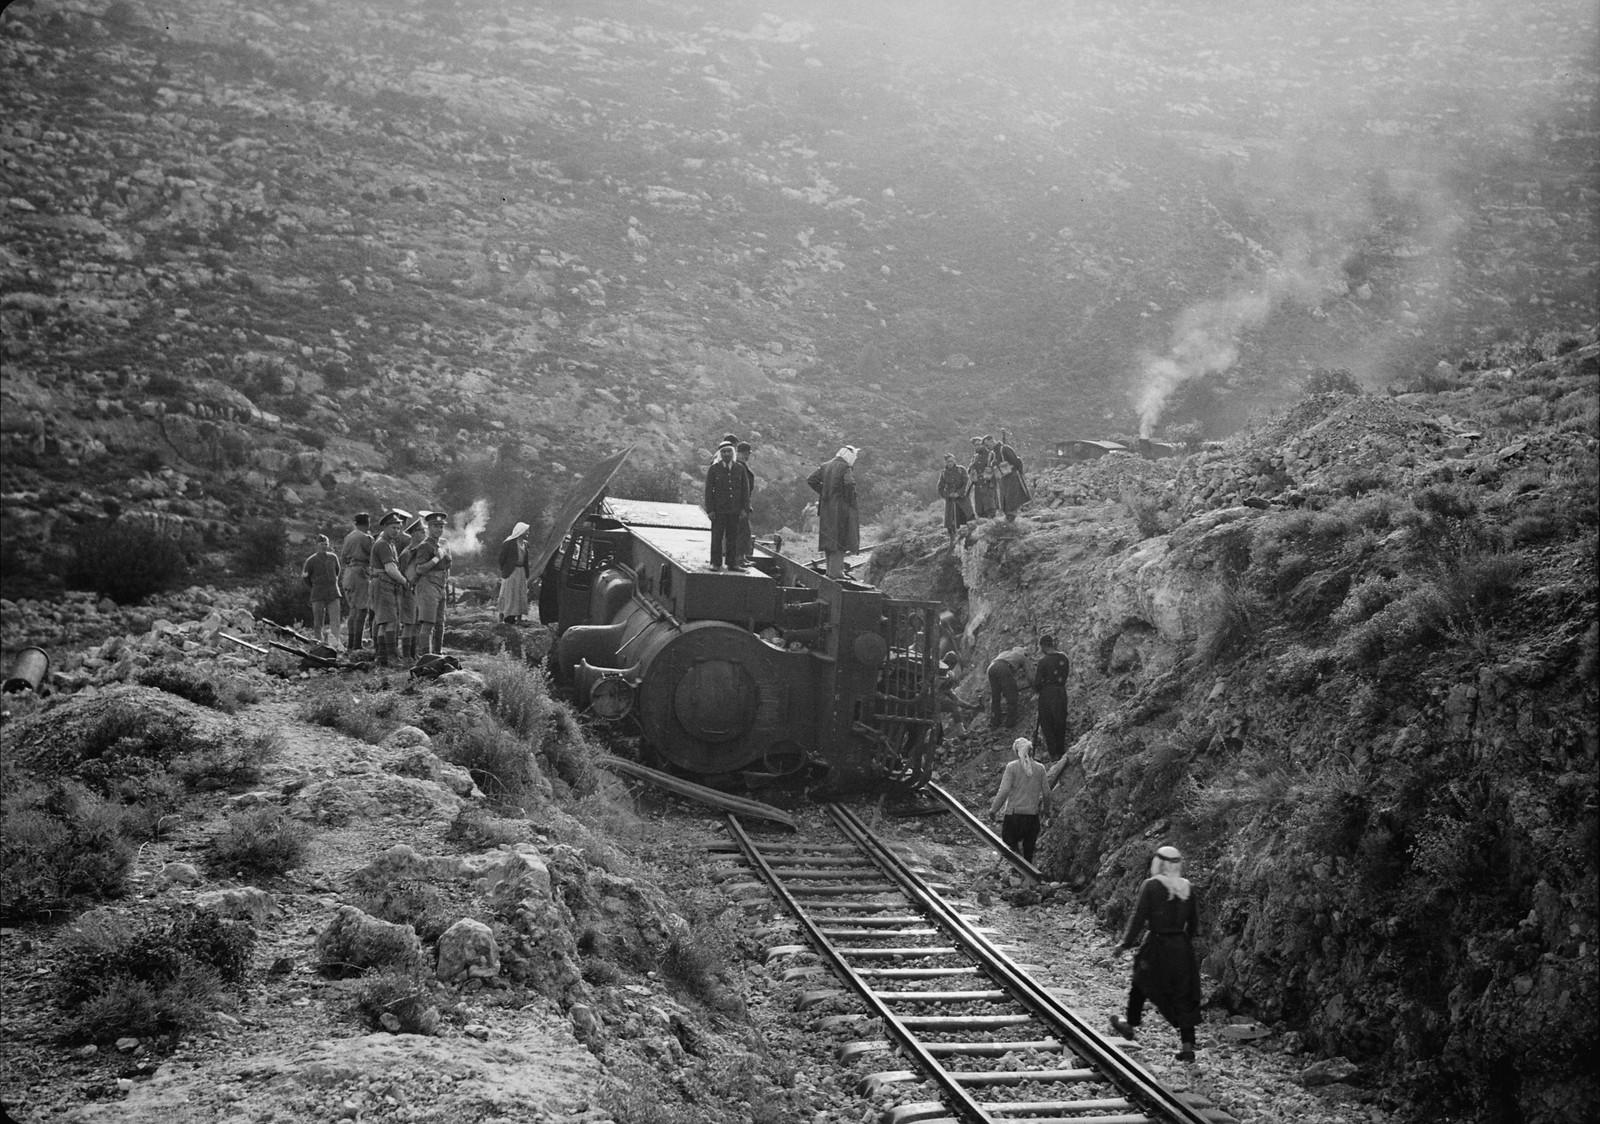 07. Разбитый локомотив крупным планом